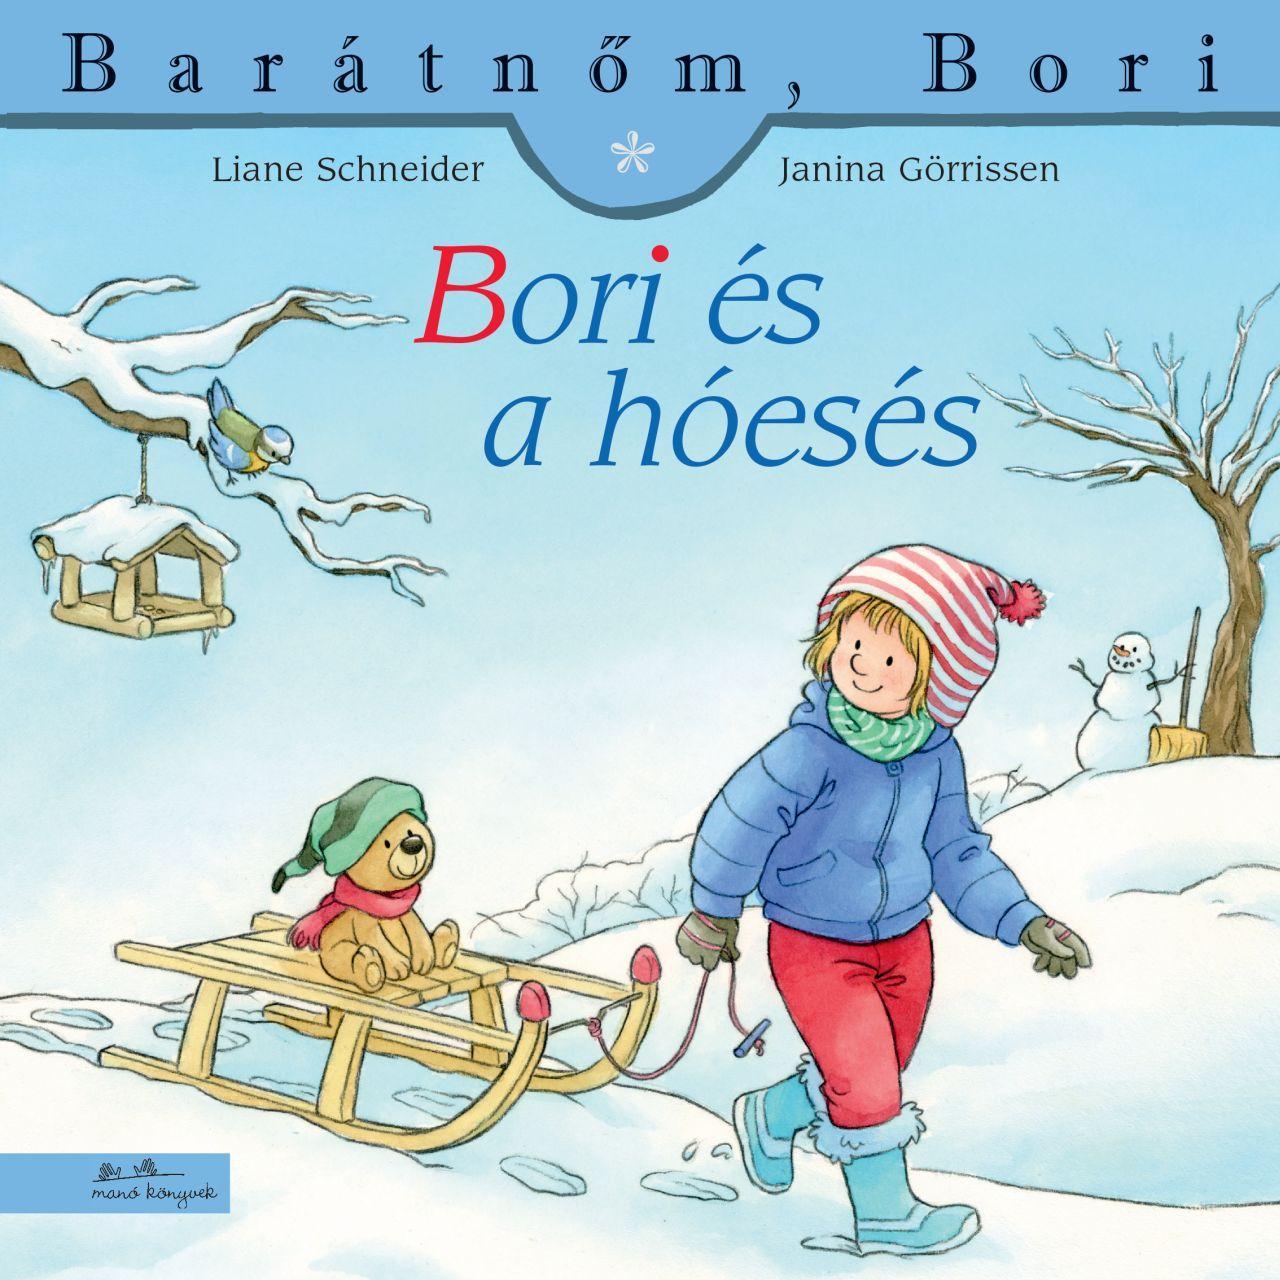 Liane Schneider - Janina Görrissen - Bori és a hóesés - Barátnőm, Bori 46.